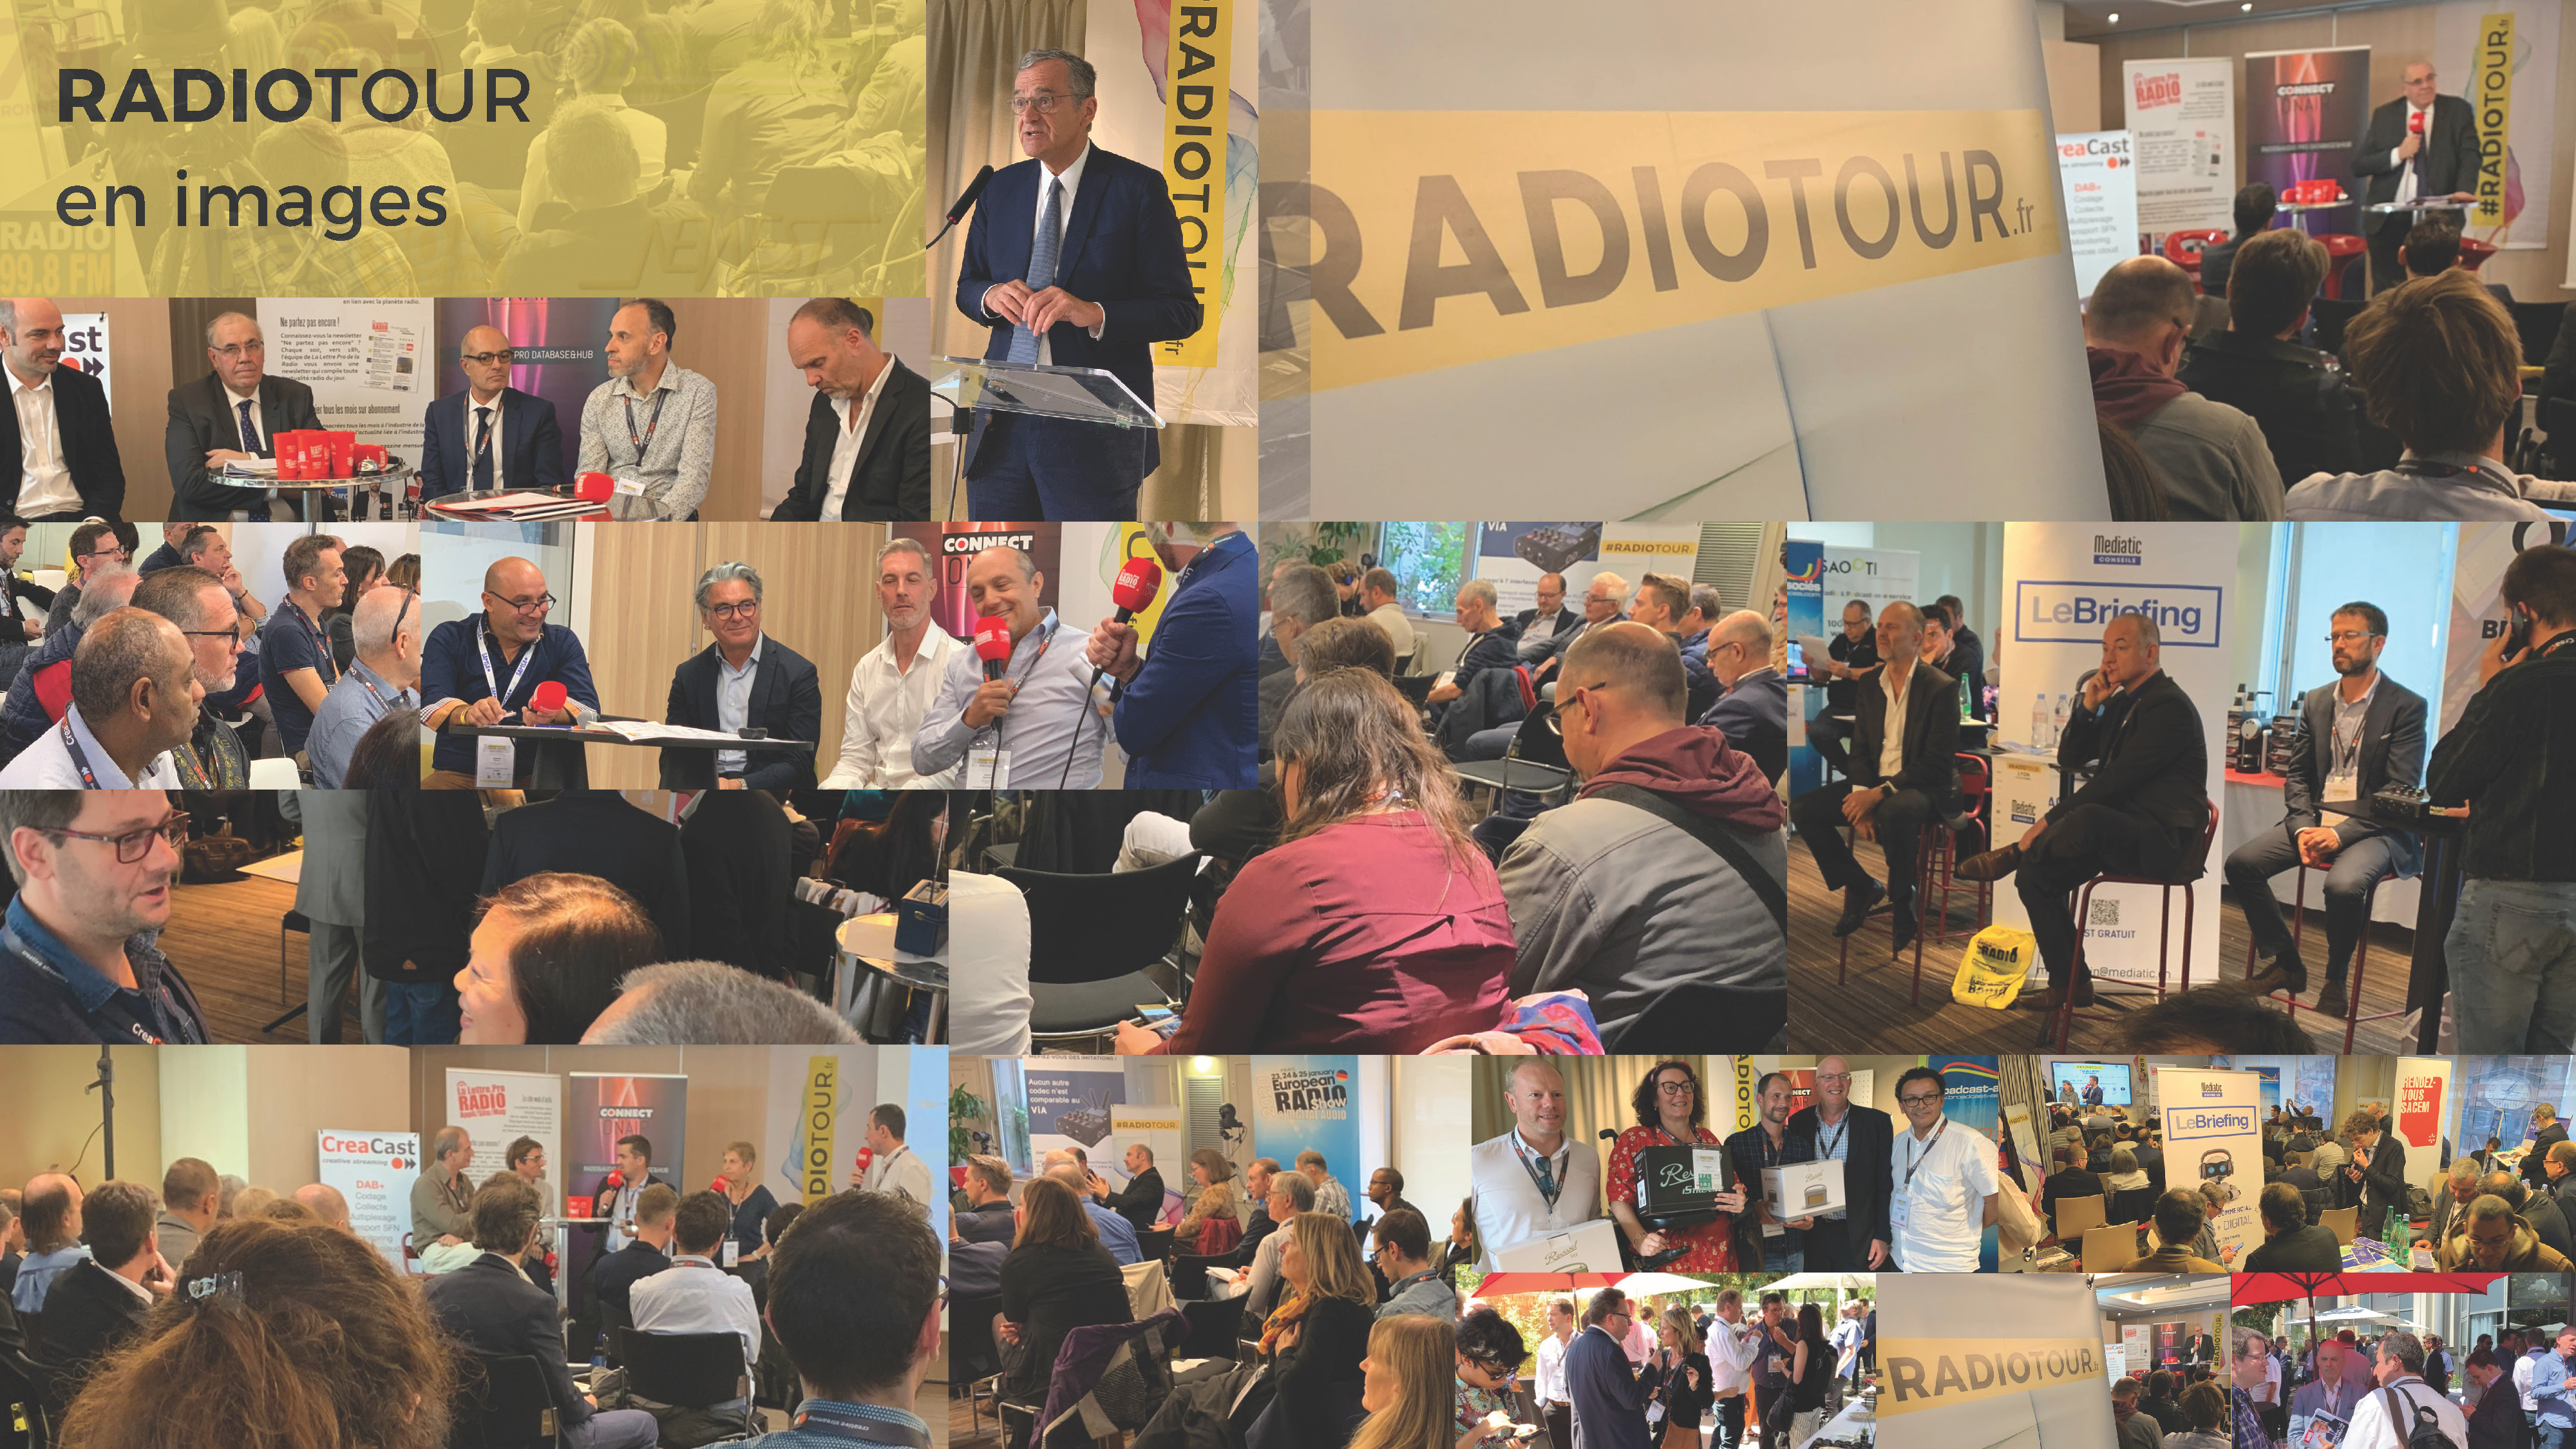 Le MAG 130 - RadioTour : Montpellier en distanciel !